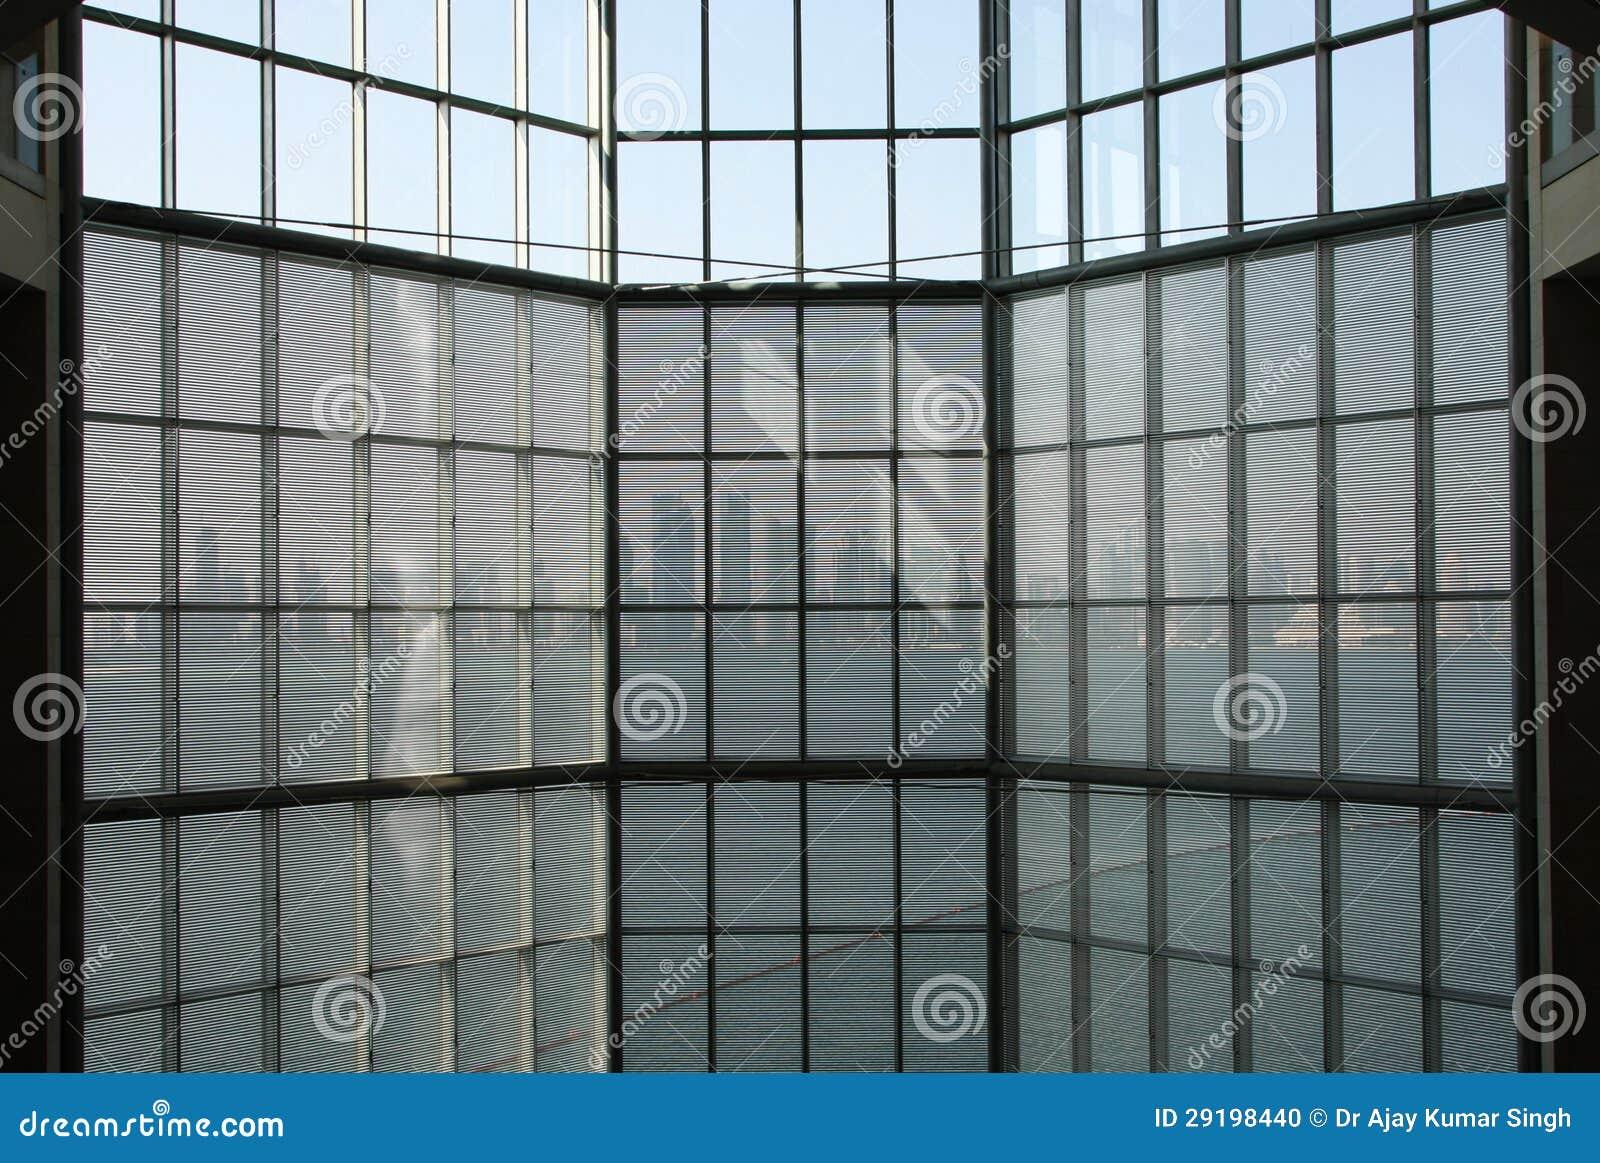 doha qatar 26 ottobre una vista dalla parete divisoria di vetro con l ...